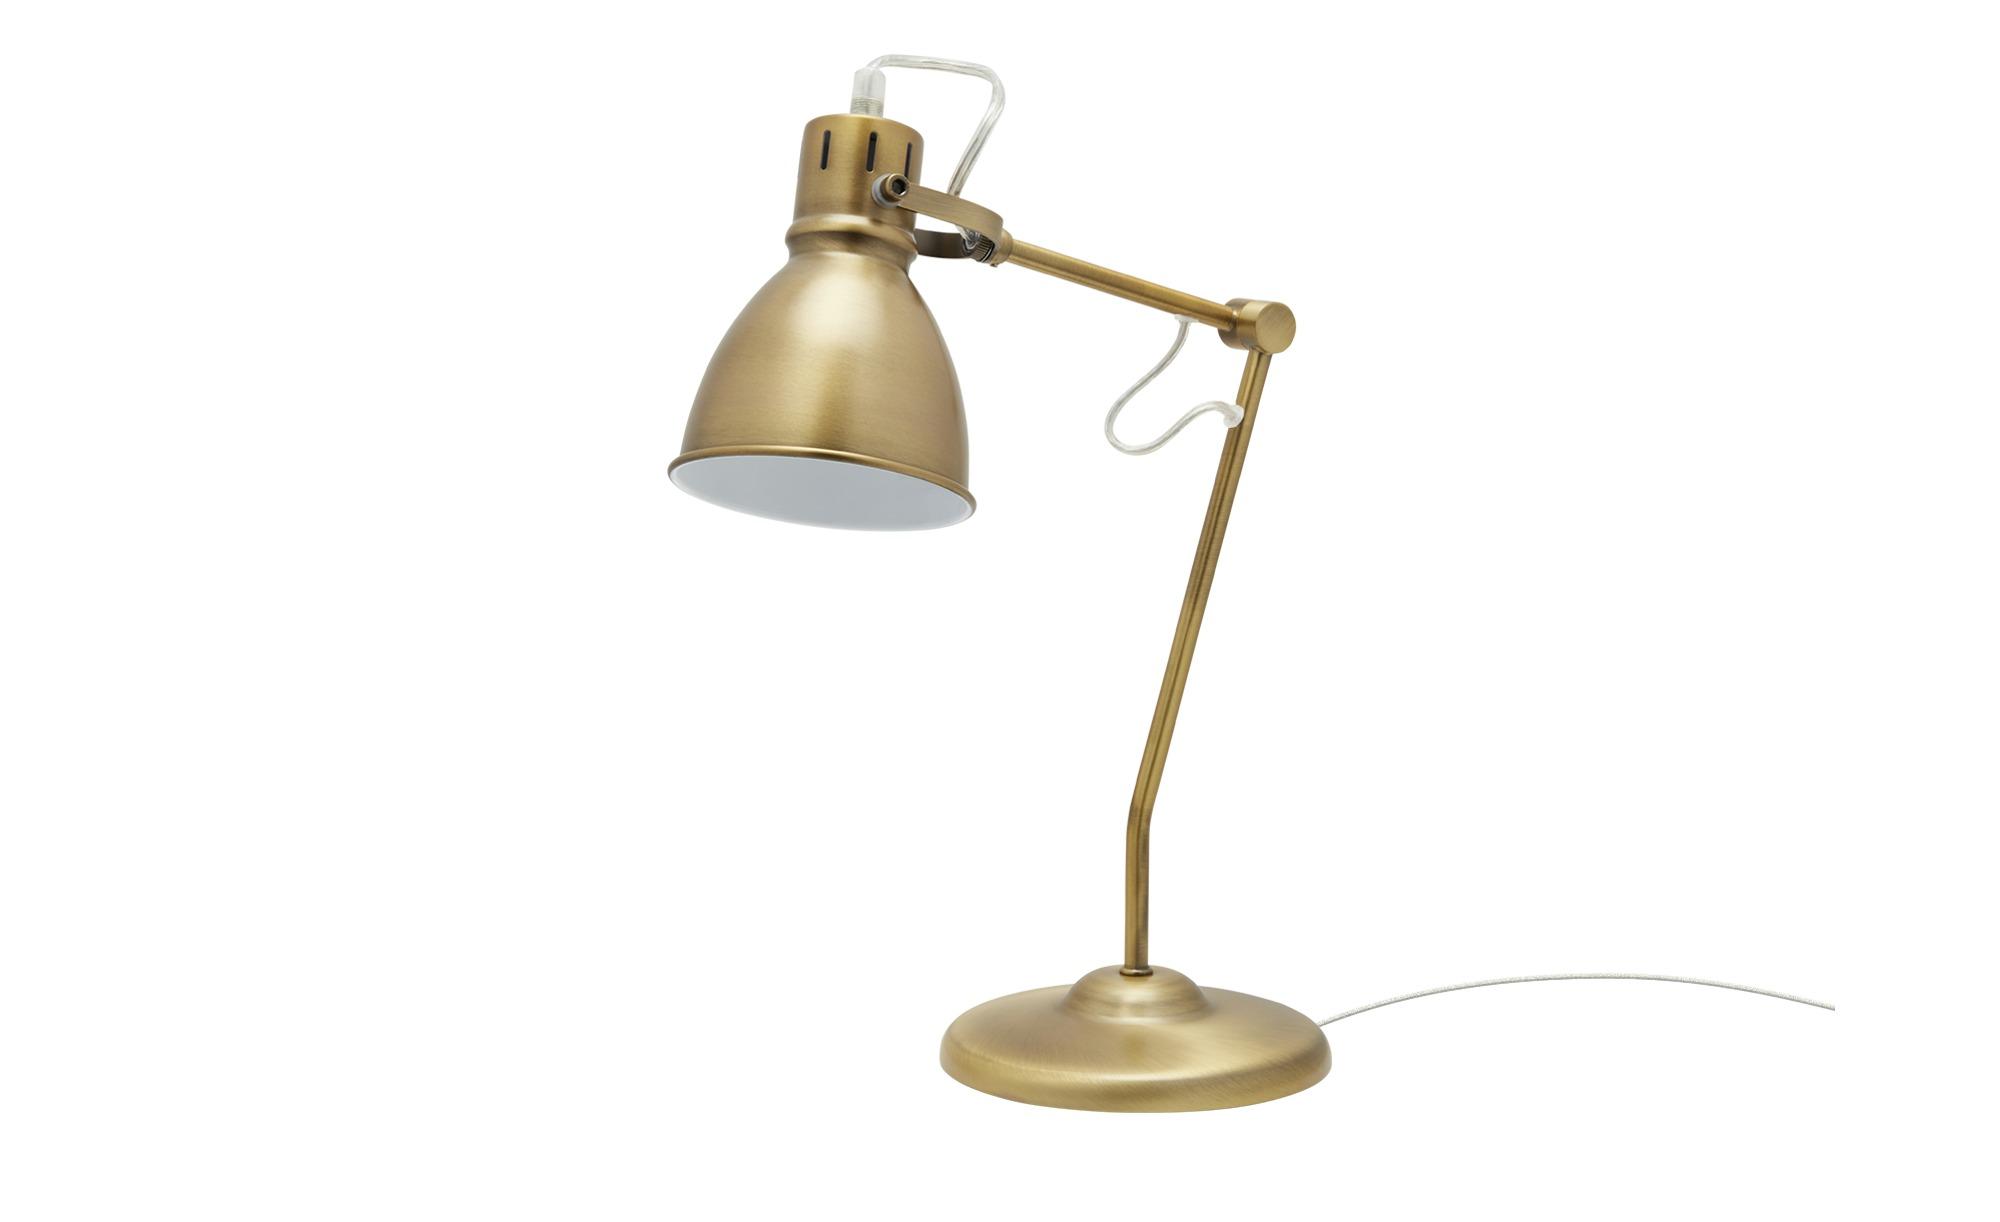 Trio Tischleuchte, 1-flammig, messing antik ¦ gold ¦ Maße (cm): H: 45 T: 23 Lampen & Leuchten > Innenleuchten > Tischlampen - Höffner